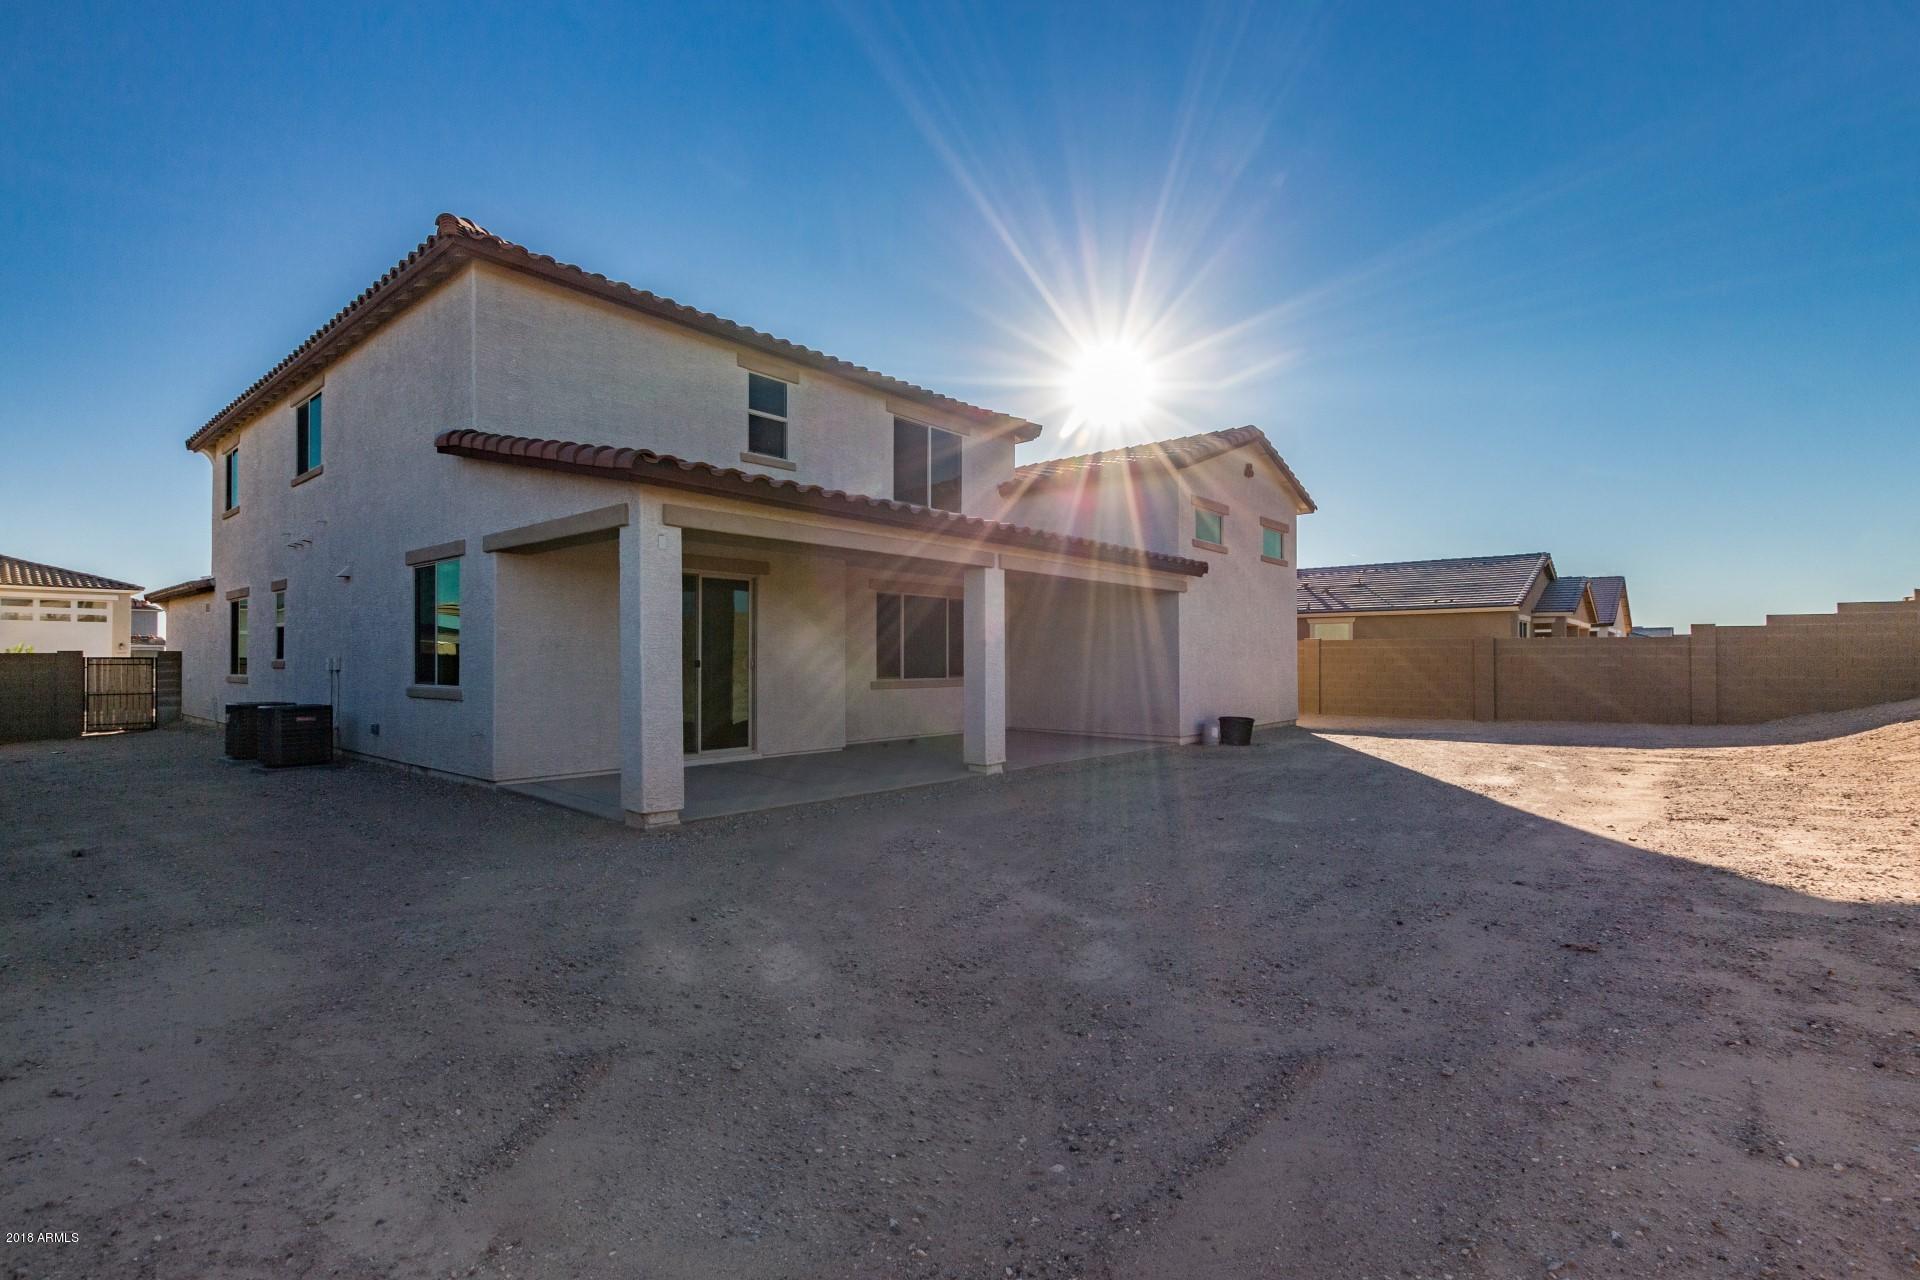 MLS 5839942 17308 W BLUE SKY Drive, Surprise, AZ 85387 Surprise AZ Desert Oasis